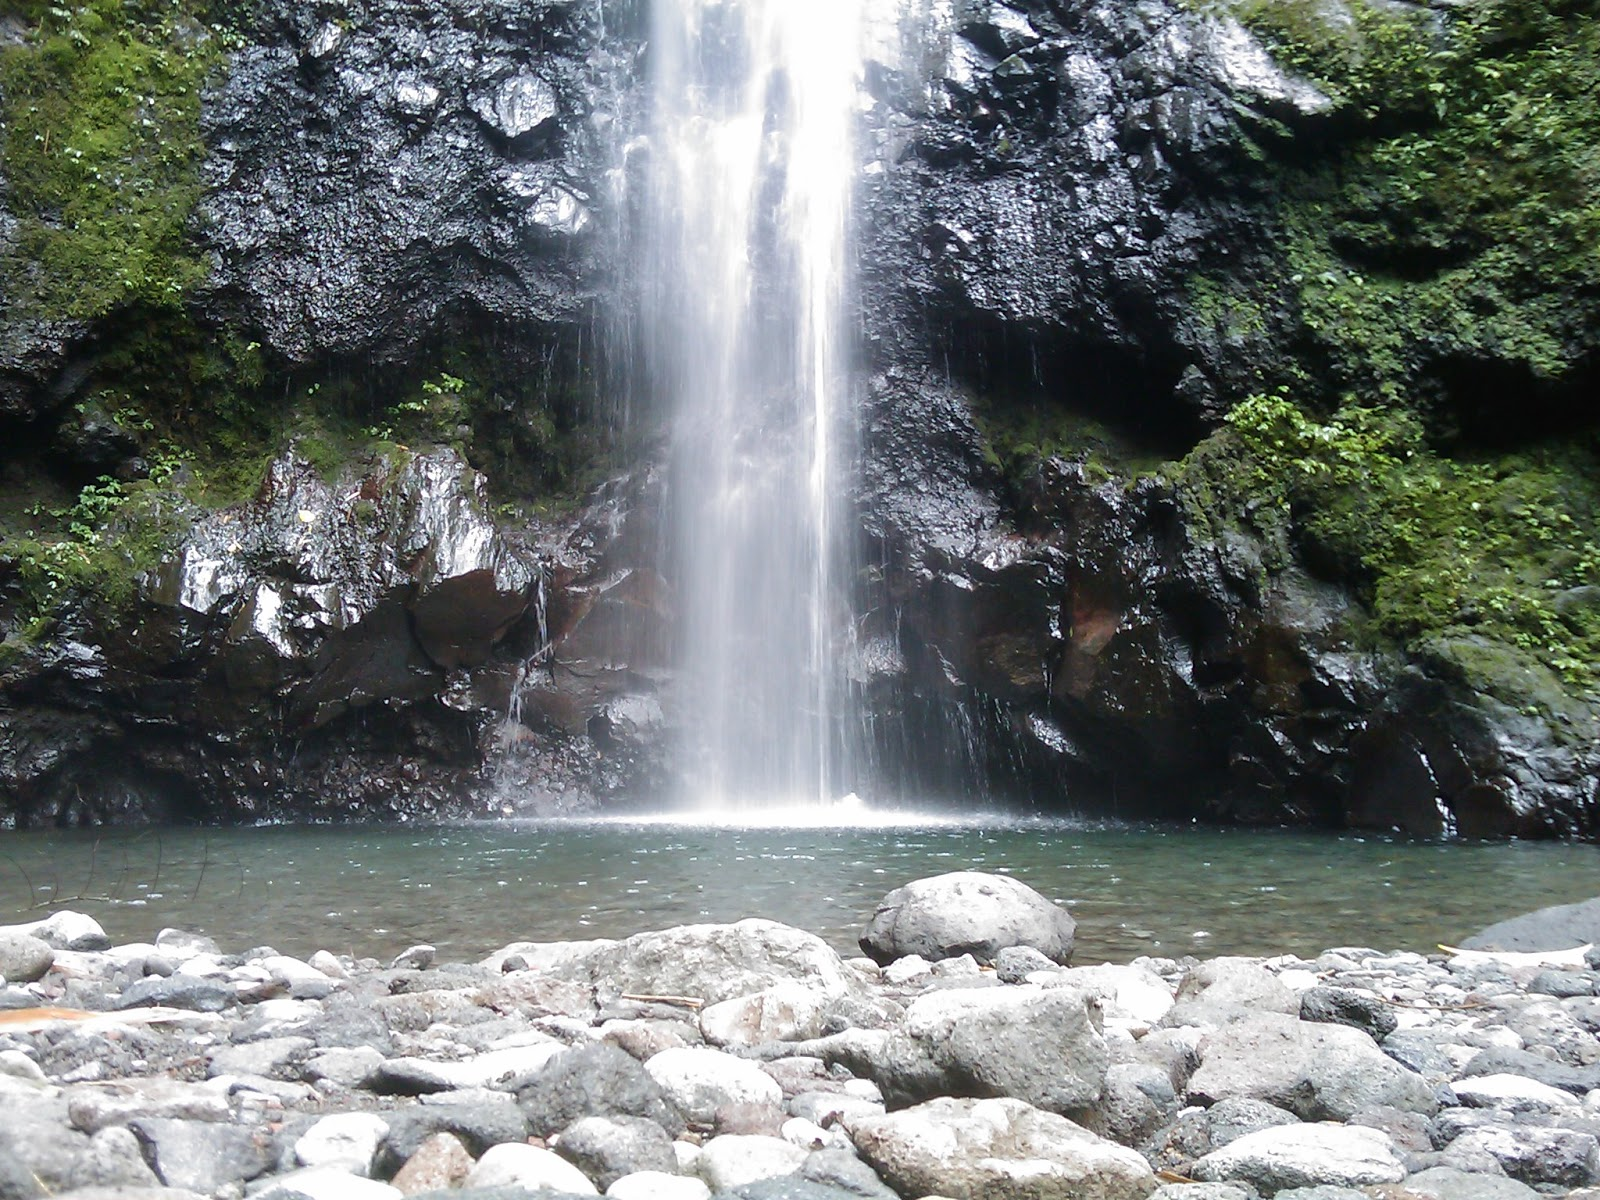 Daftar Tempat Wisata Di Kabupaten Pasuruan